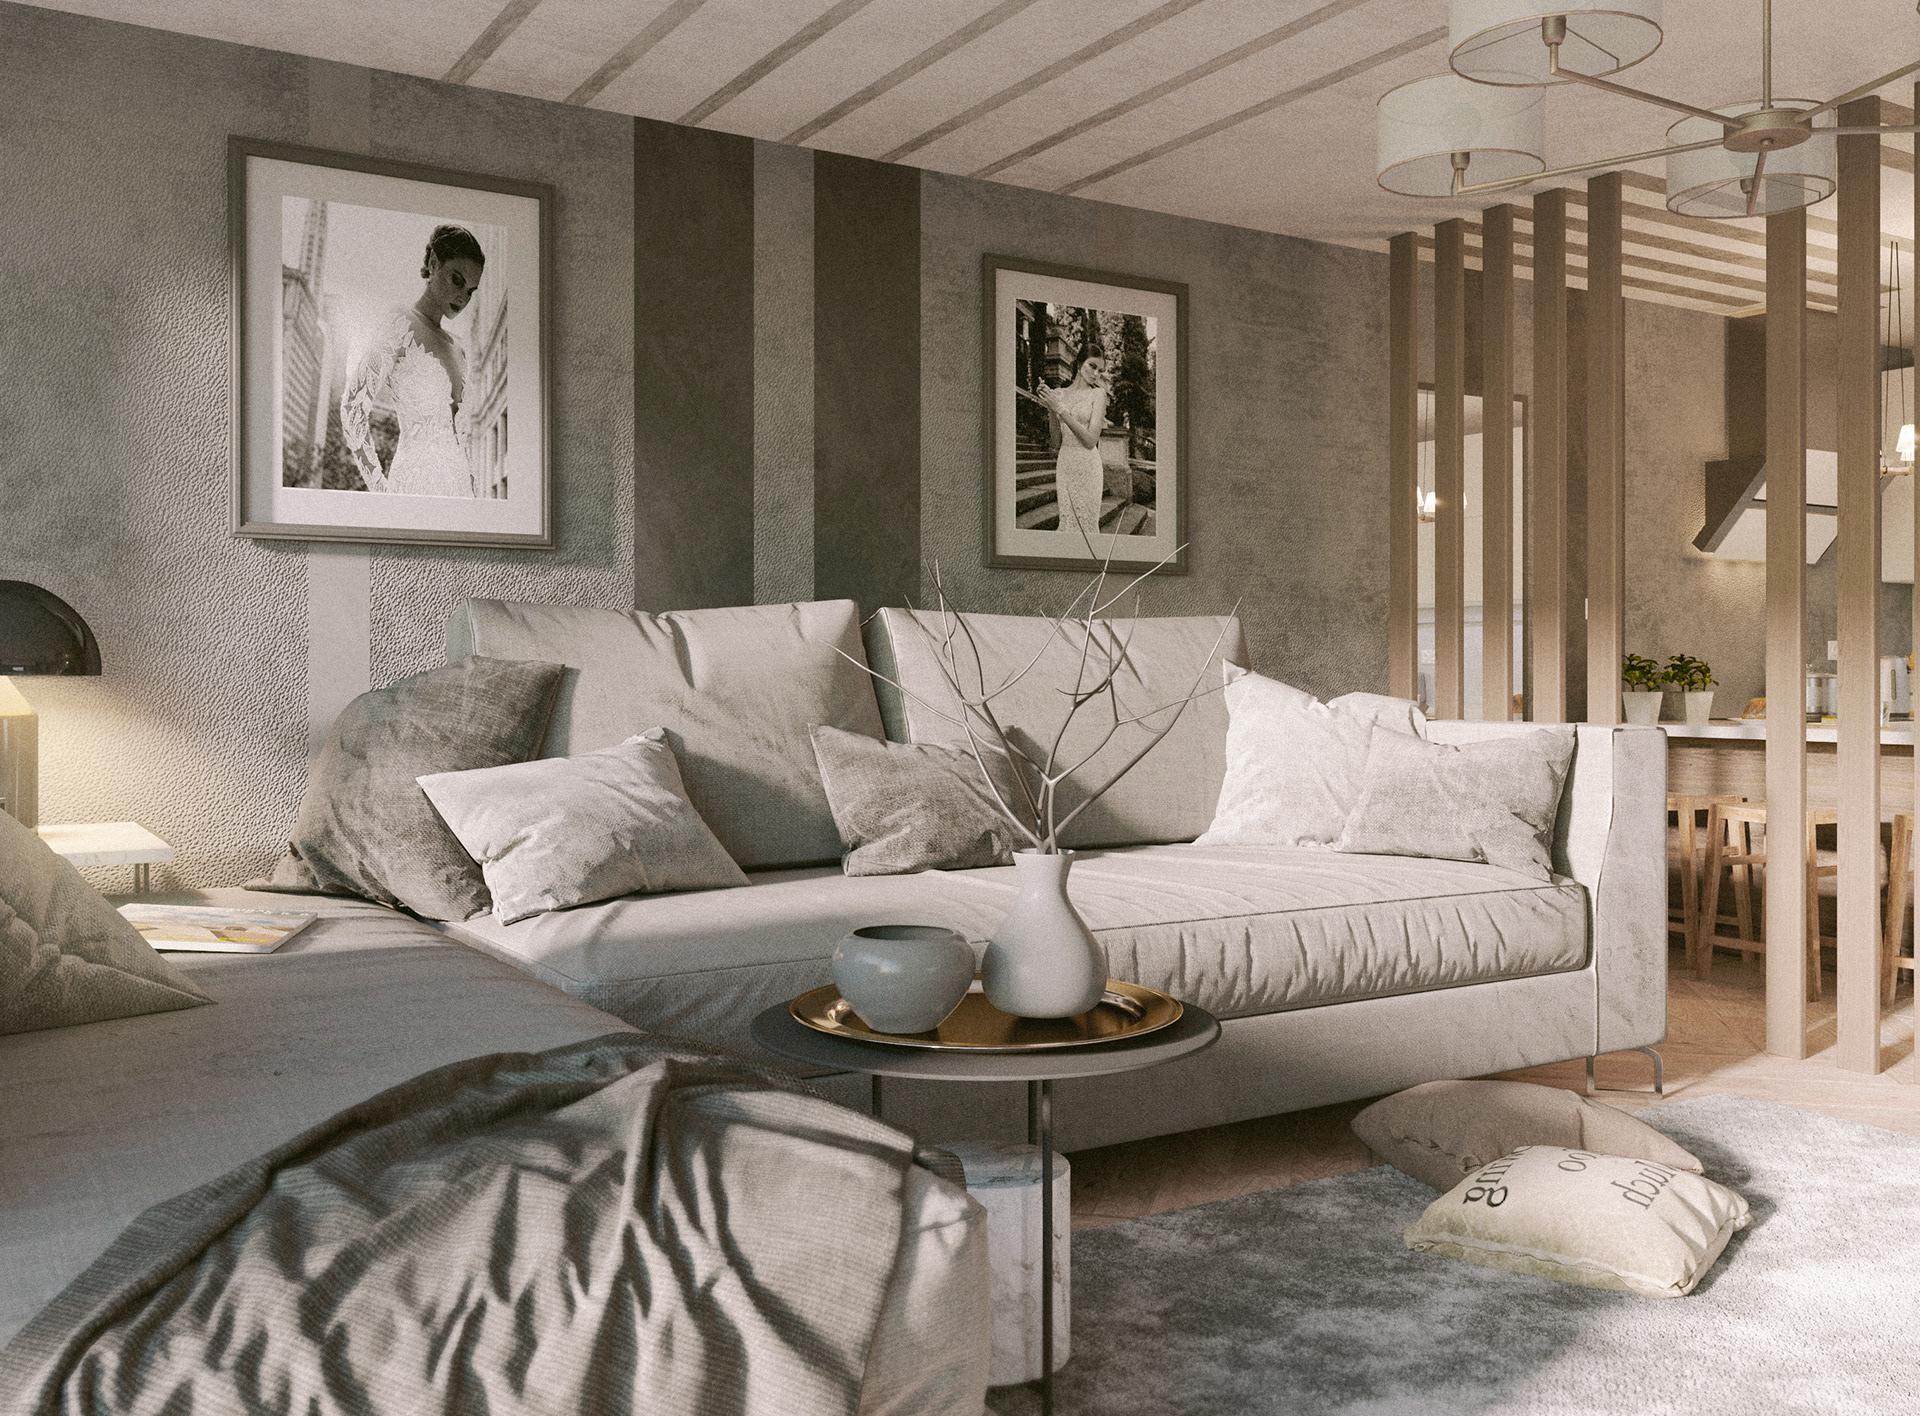 Màu sắc sáng, thanh lịch trong mẫu thiết kế nội thất đẹp